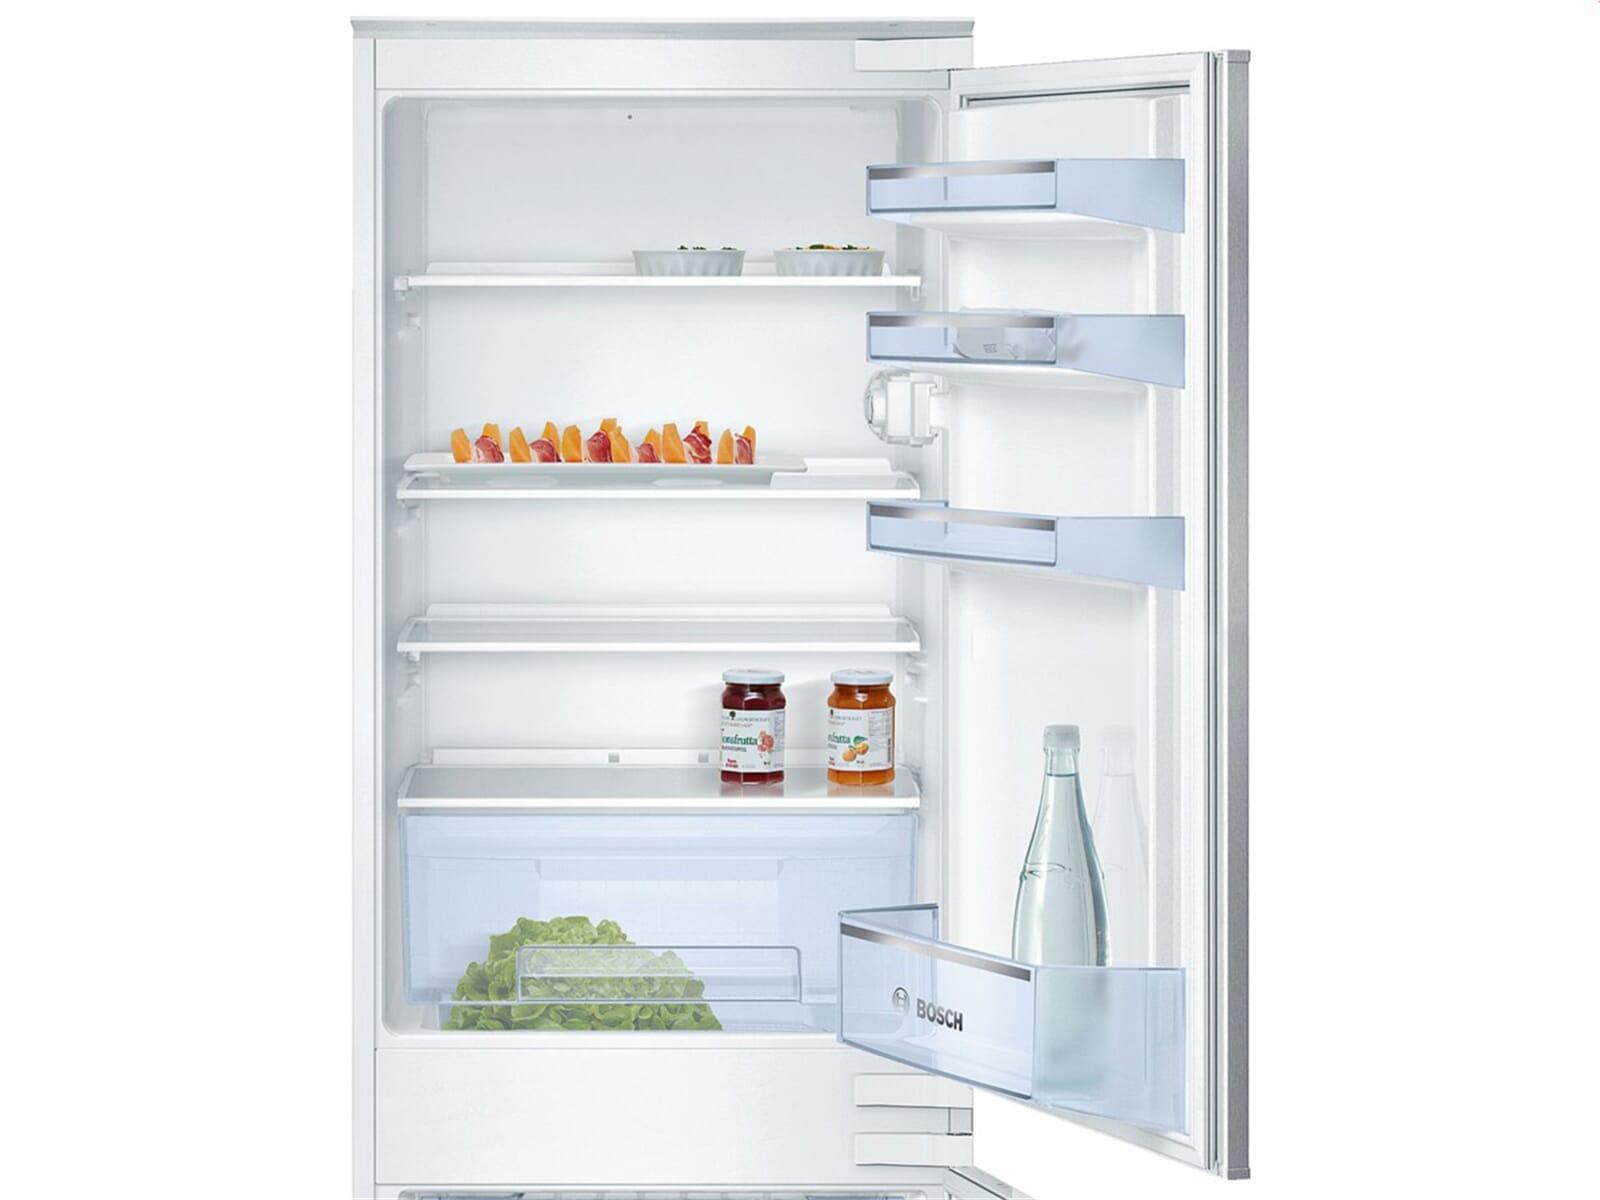 Bomann Kühlschrank Creme : Kühlschrank gefrierkombi bomann kühlschrank gefrierkombi klein